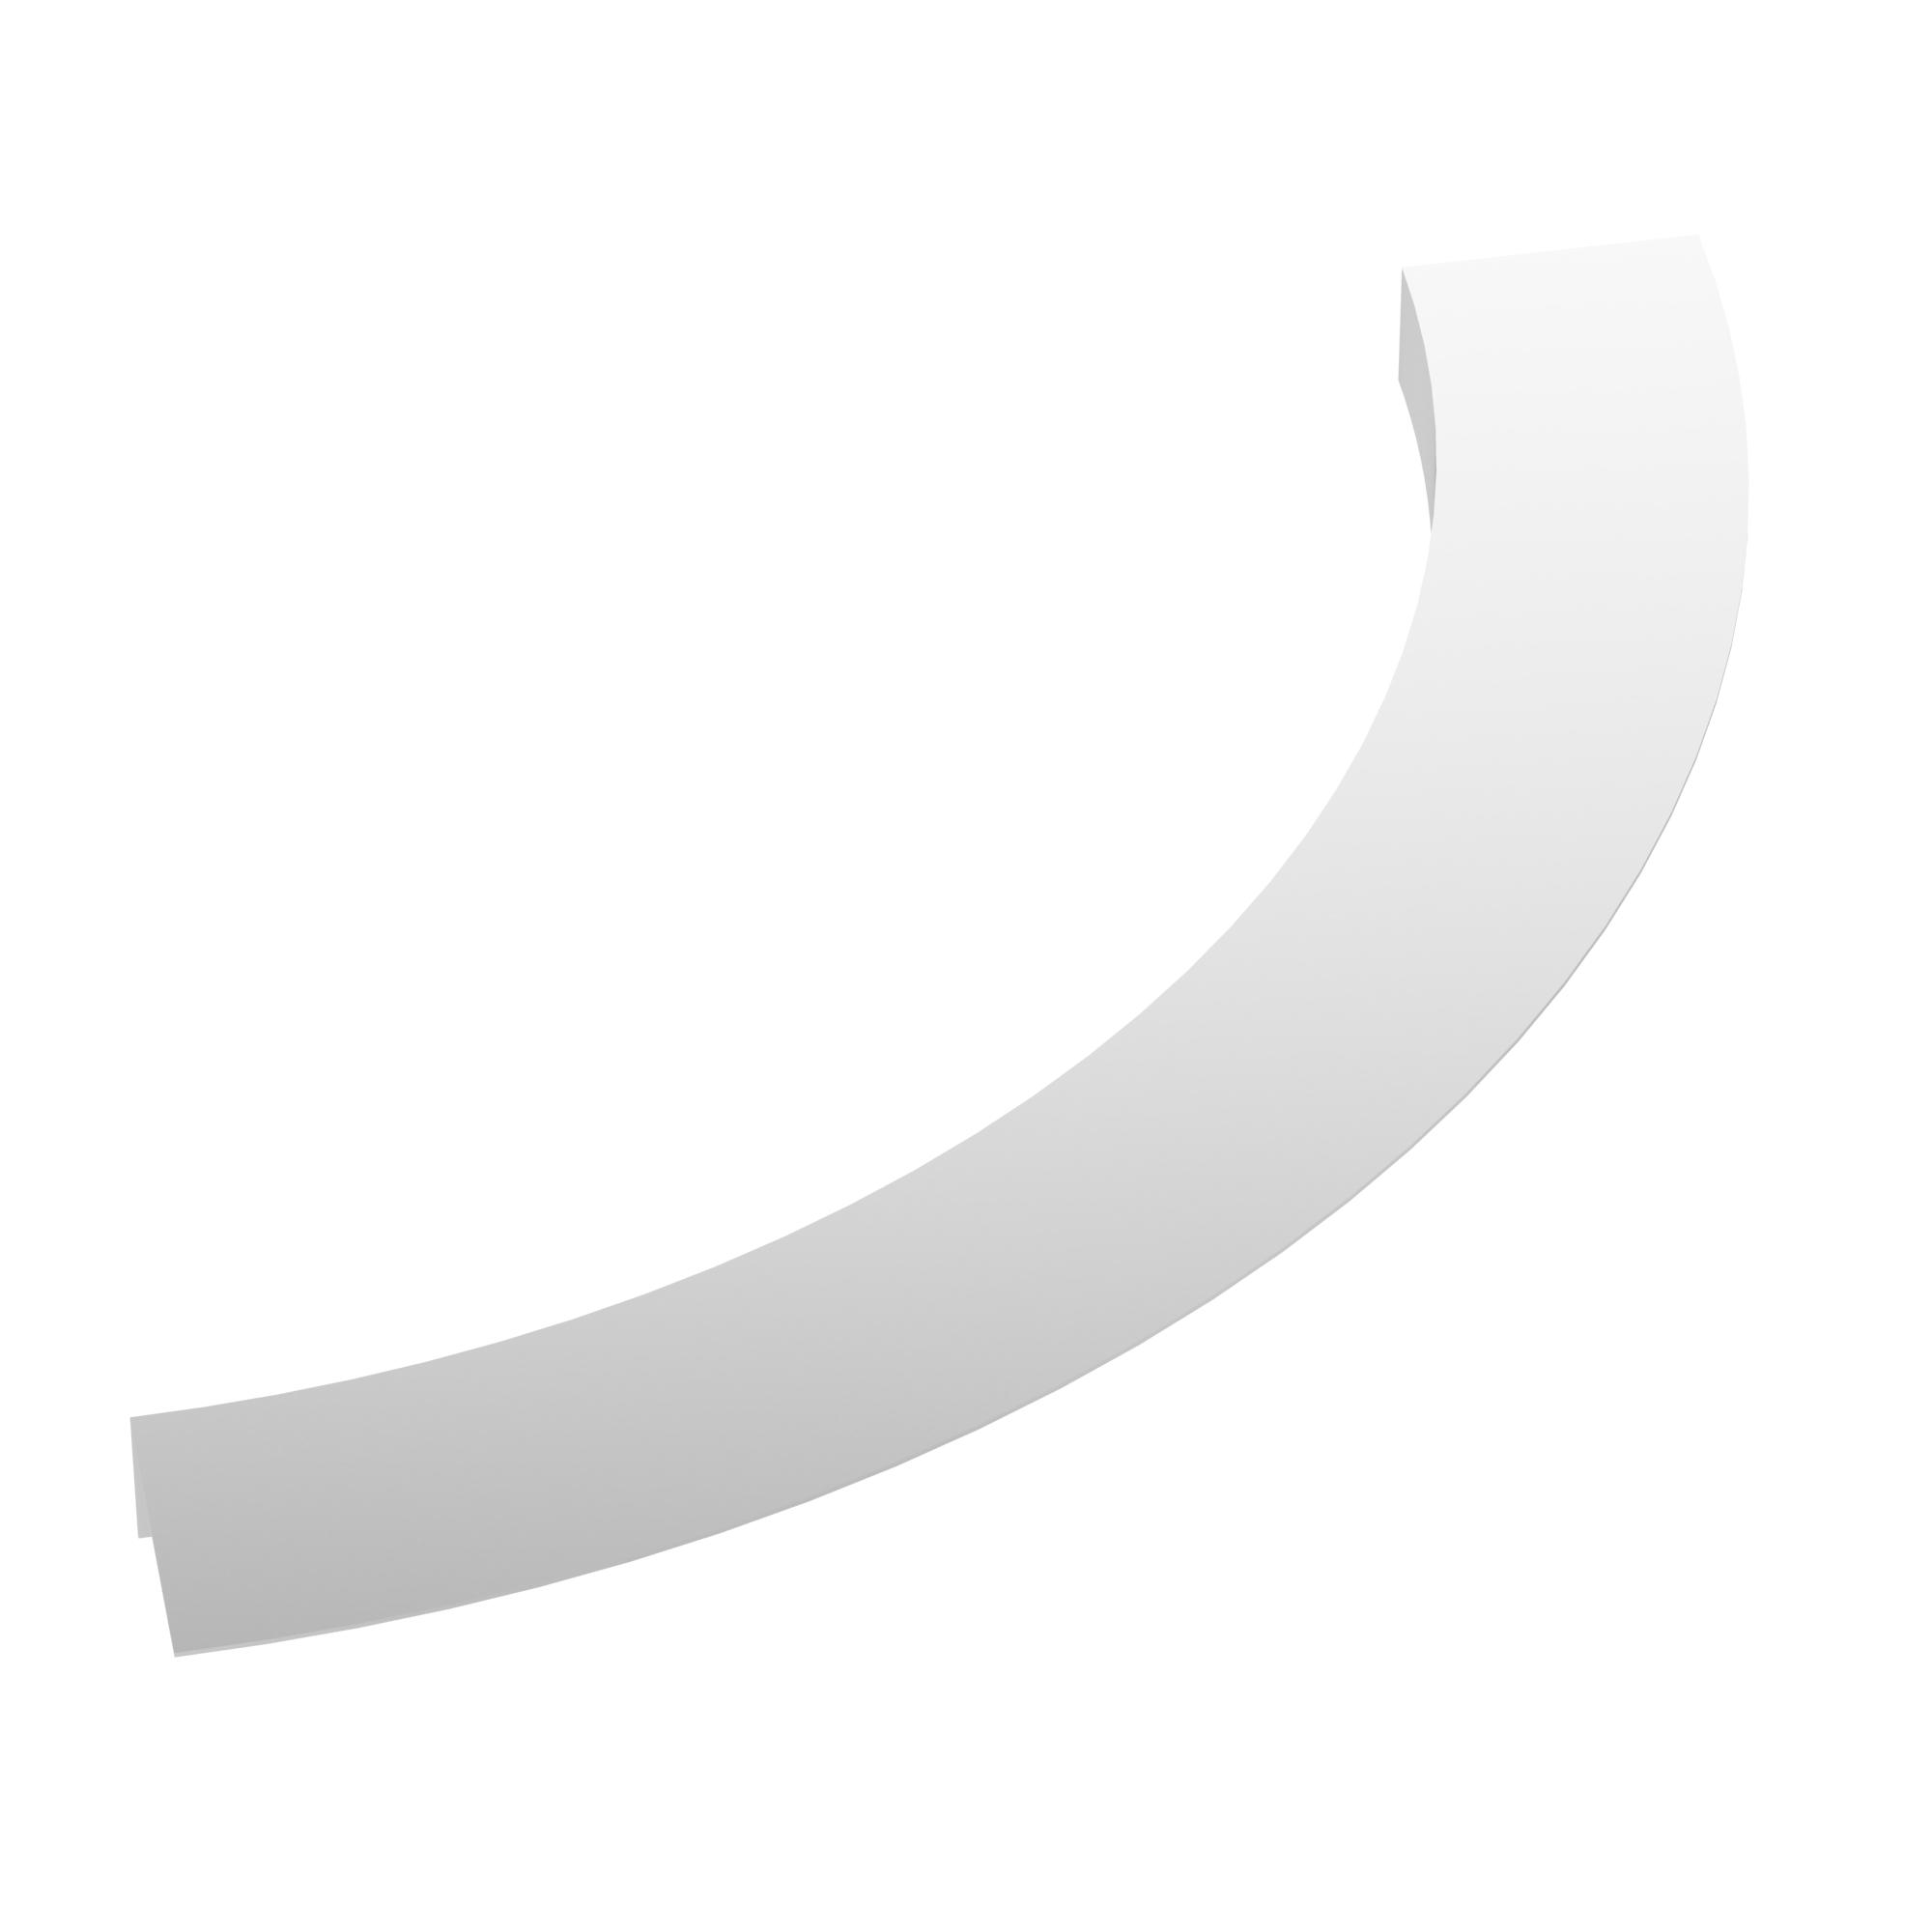 Фото - Монтажные элементы: Монтажный фланец SAWO TH-COLLAR-ST6-CNR для печи TOWER TH6 (сталь) ограждения и коврики коврик деревянный на пол sawo 595 d cnr угловой